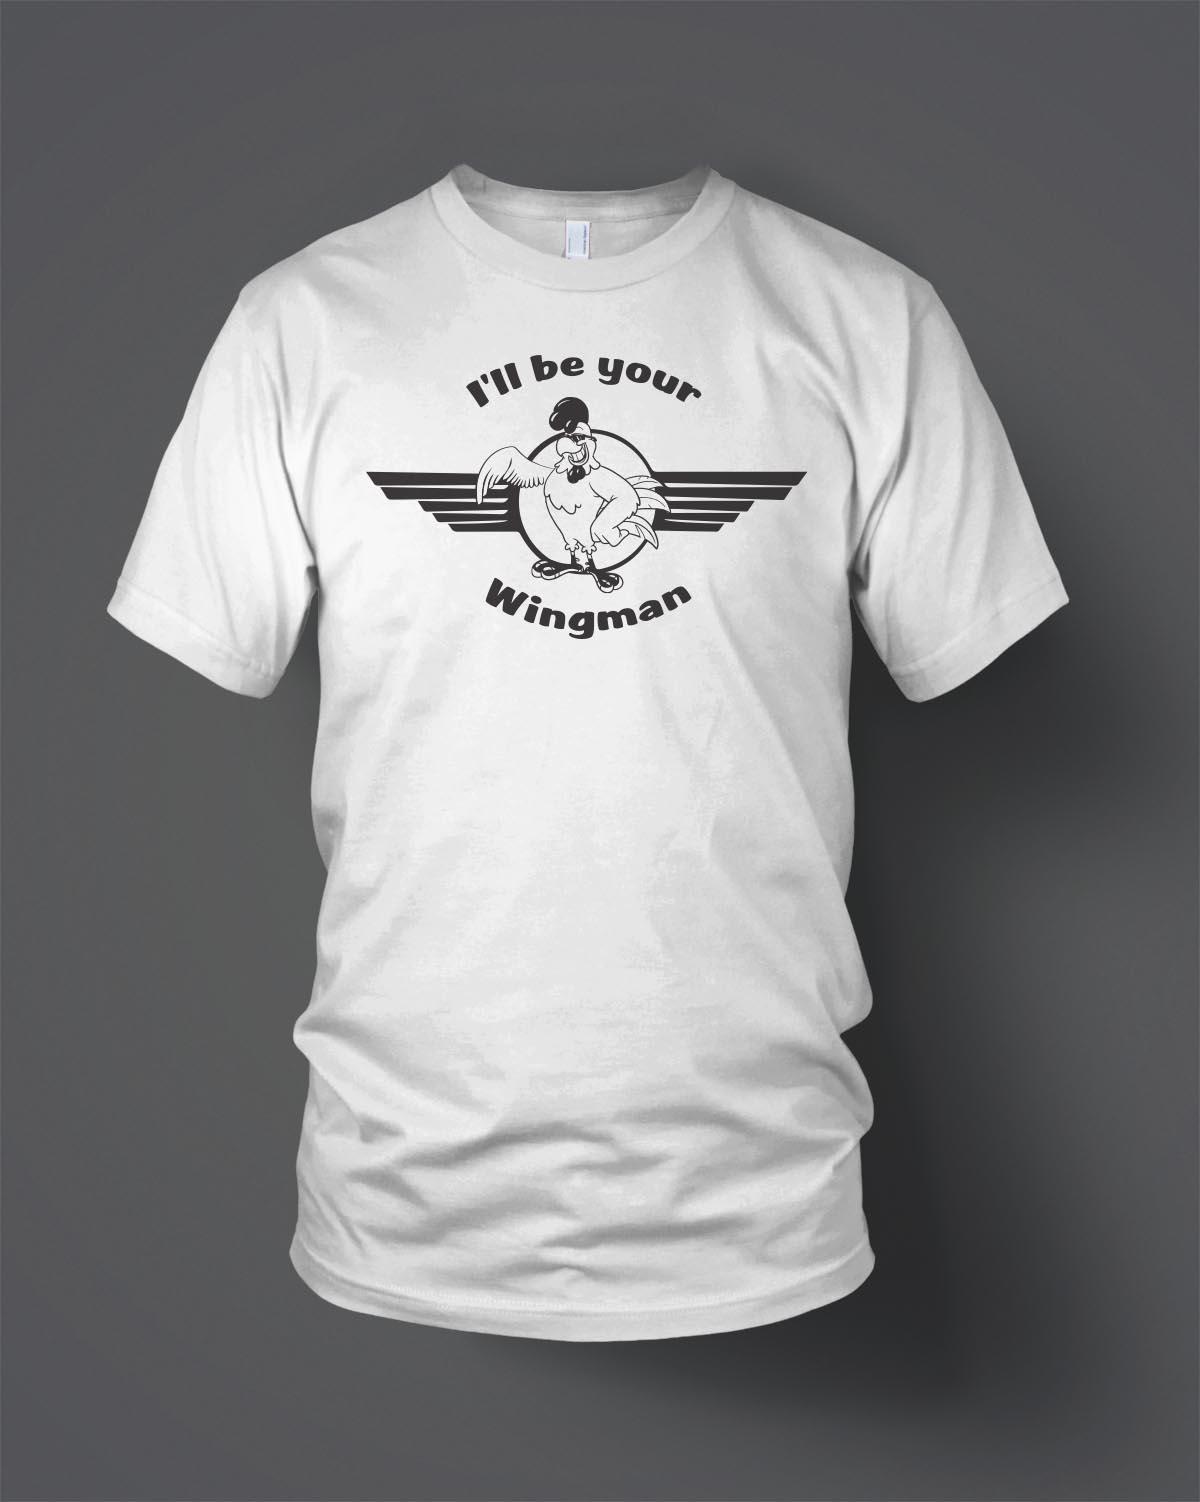 Wingman front.jpg